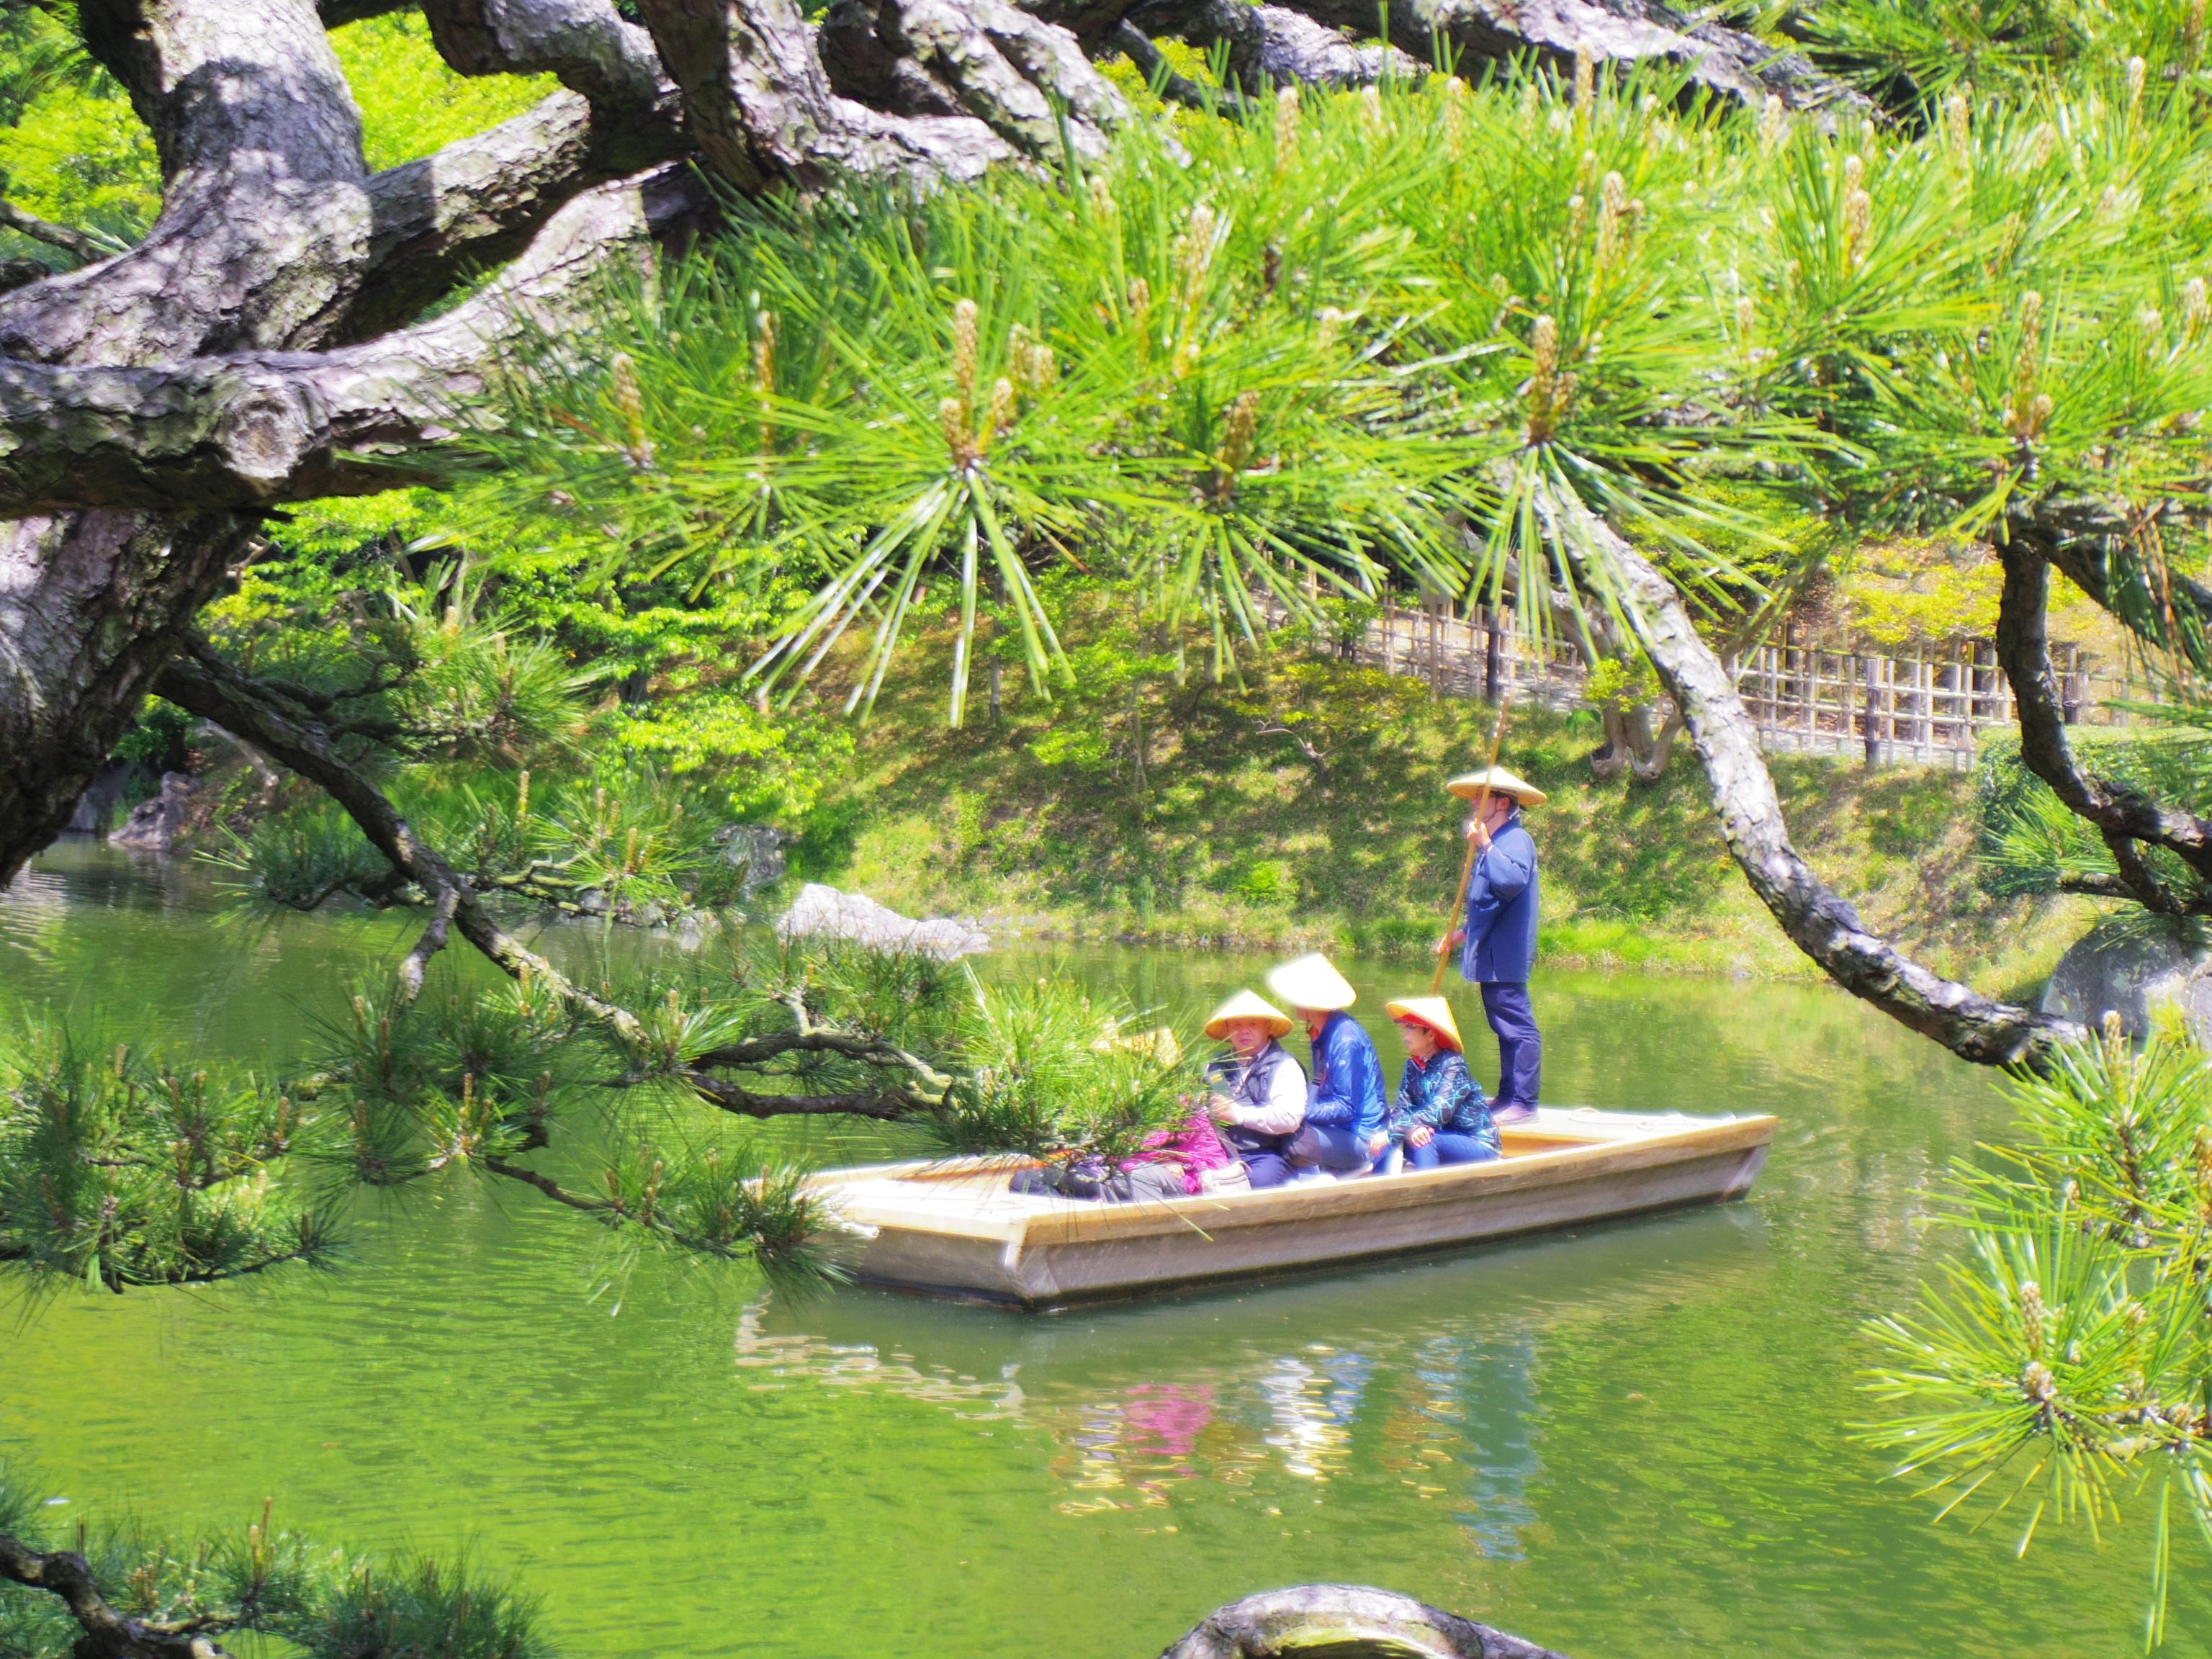 【日本プチ縦断 in 香川】うどんを食べて、栗林公園を歩いて、またうどんを食べる。